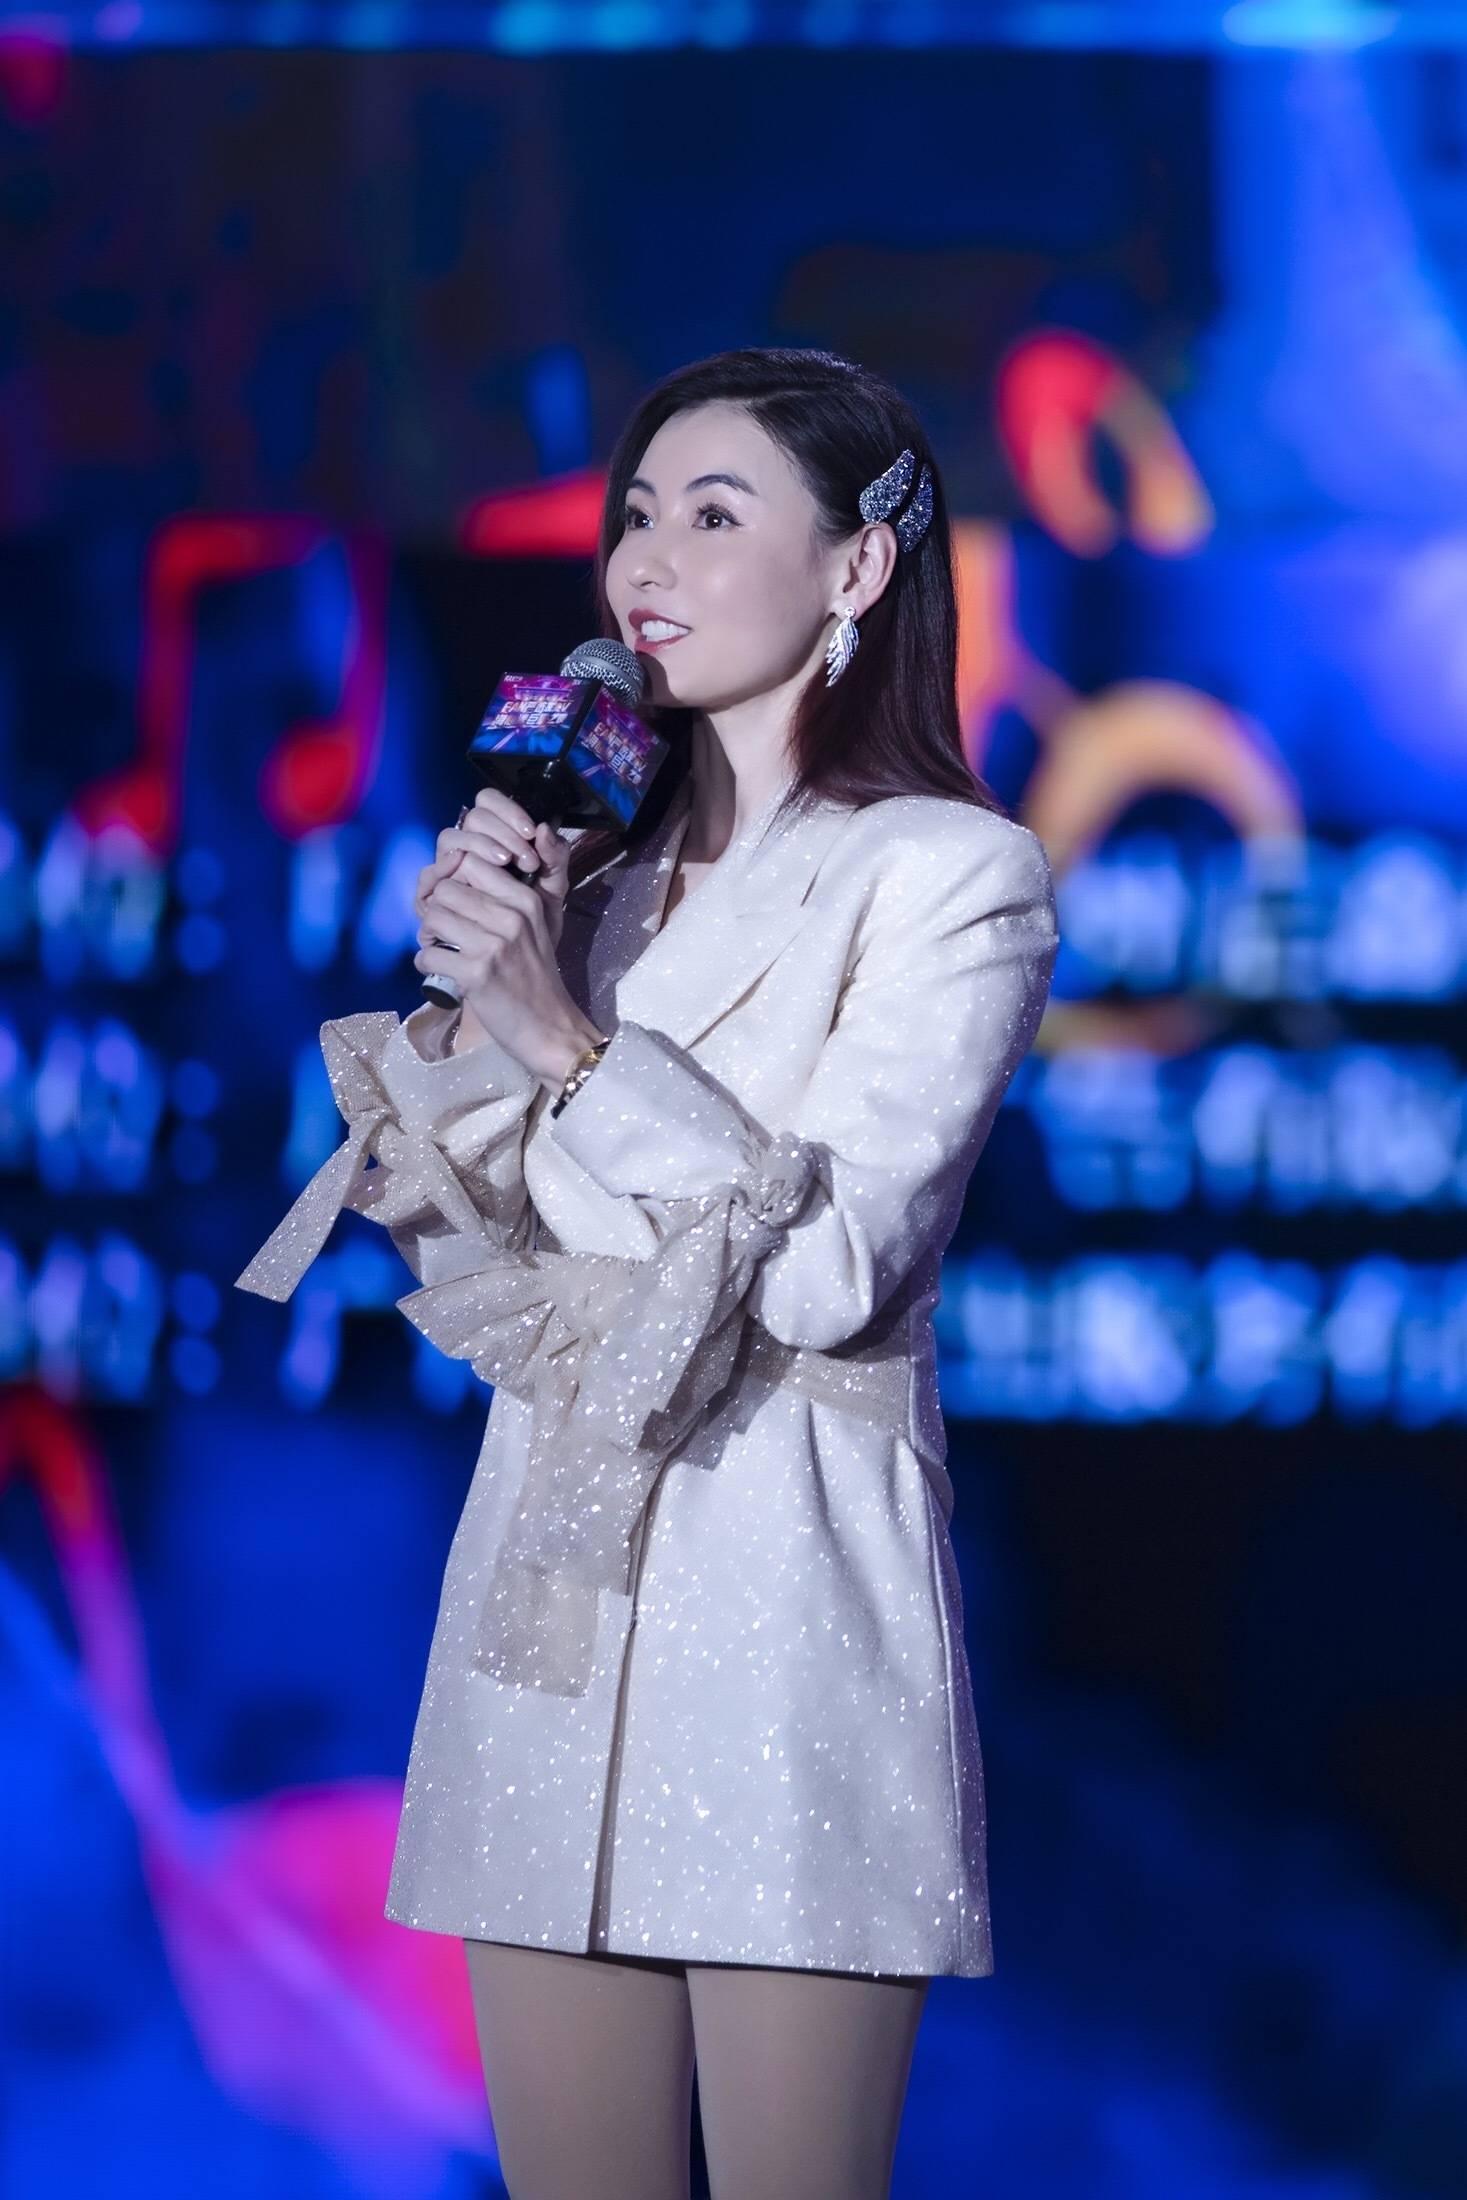 原创             亮片裙让娜扎热巴惊艳众人,秦岚优雅大气,李沁更是少女感十足了